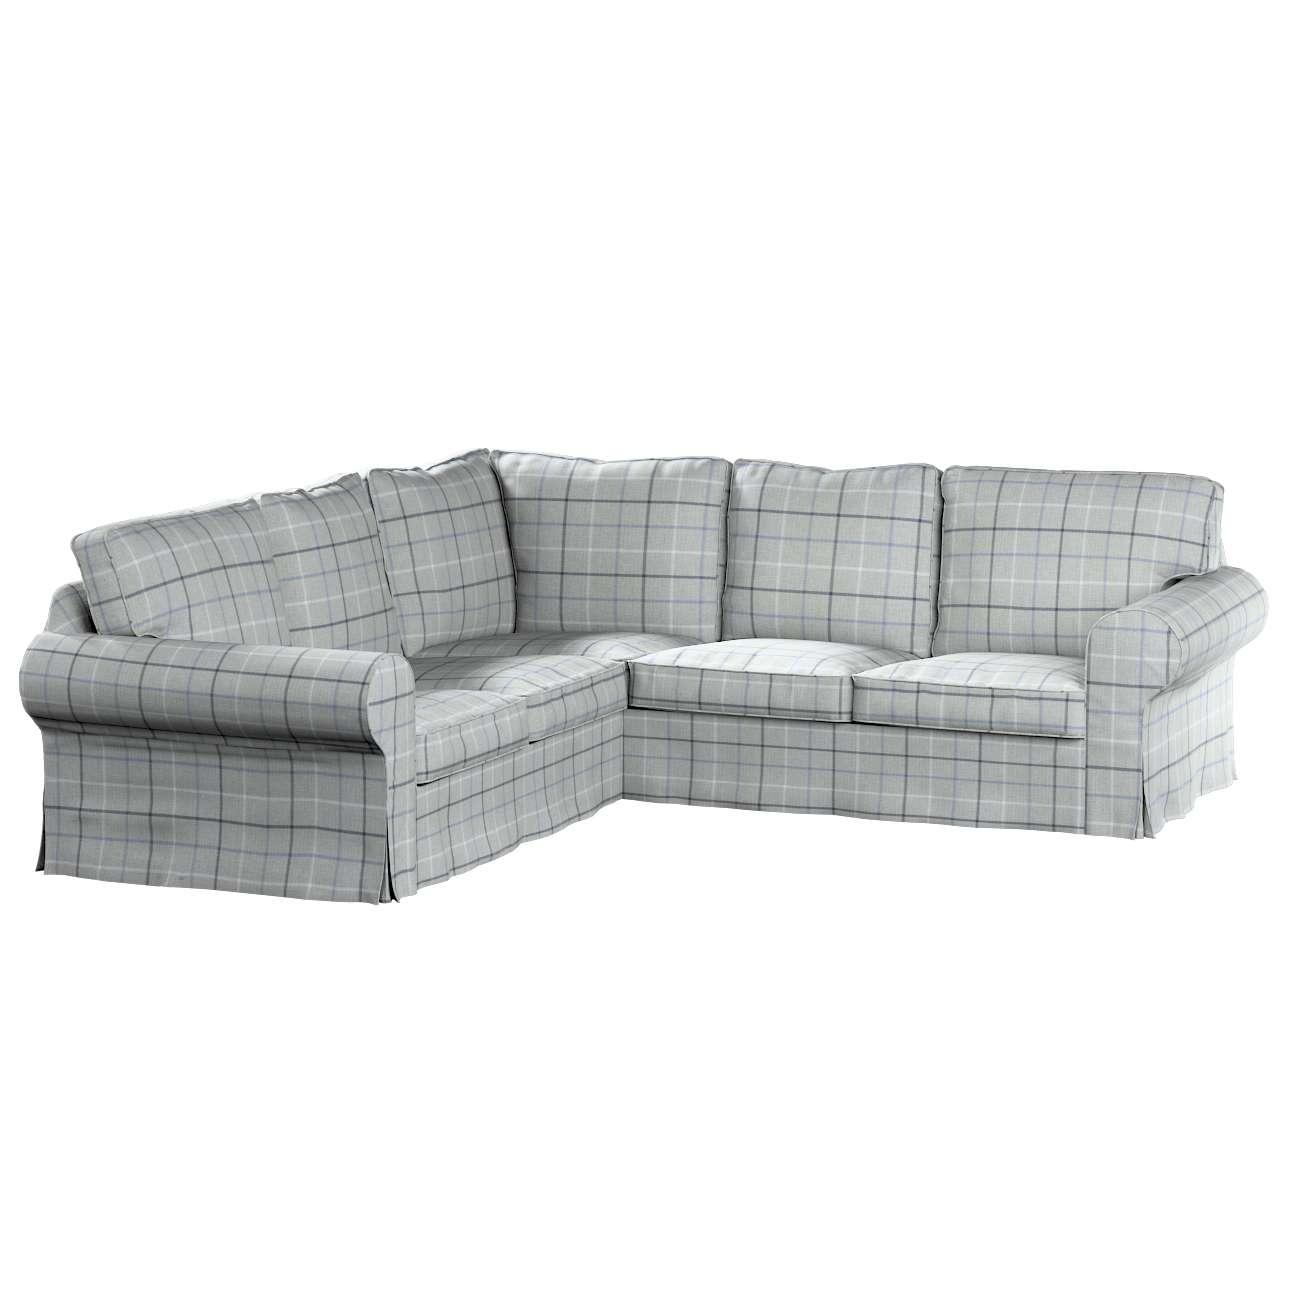 Pokrowiec na sofę narożną Ektorp w kolekcji Edinburgh, tkanina: 703-18